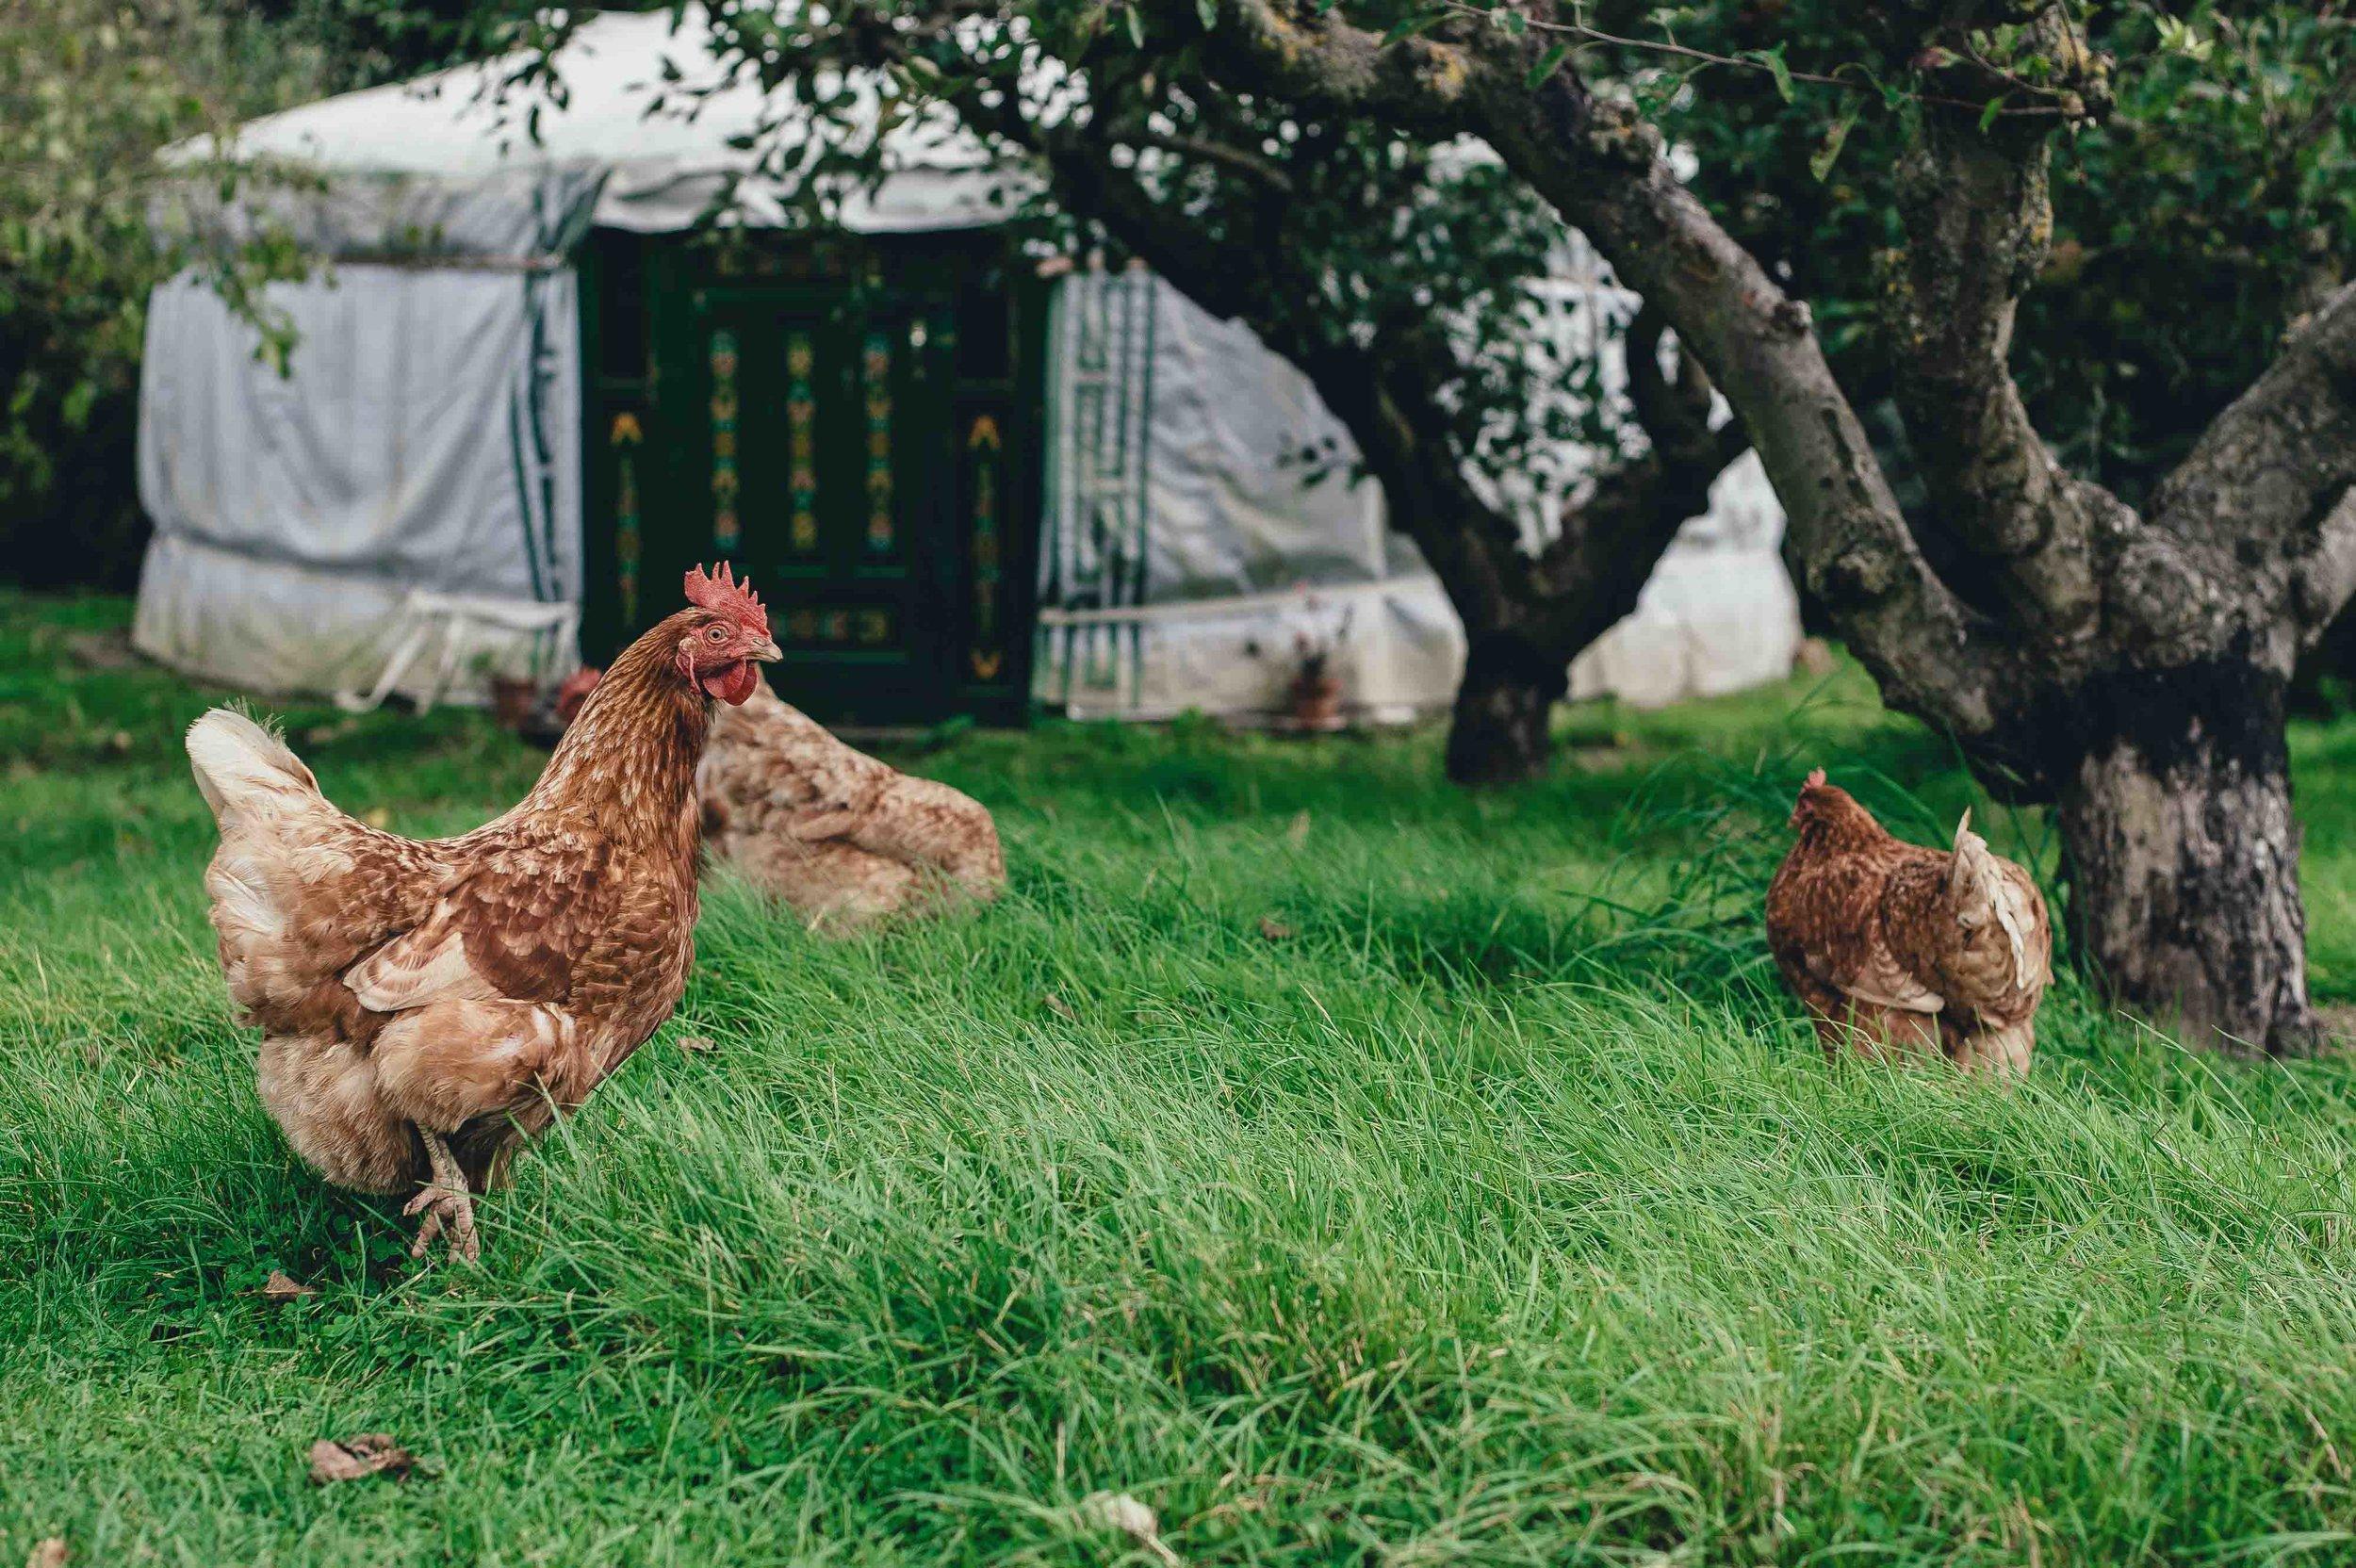 chicken-sitting-care-austin-texas-tx.jpg